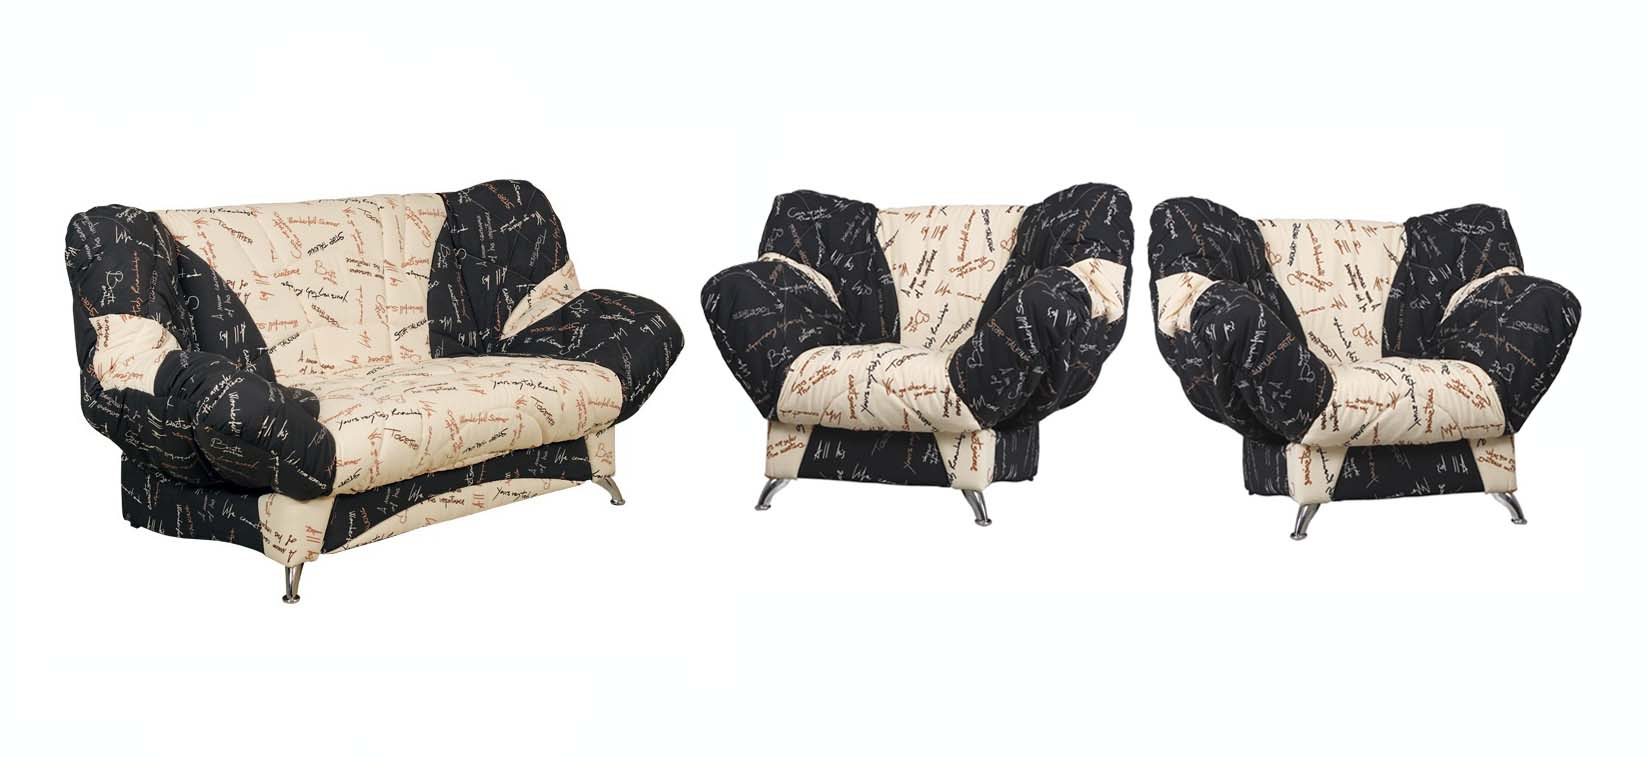 Комплект мягкой мебели Лагуна-2Комплекты мягкой мебели<br>Размер: 213х95х100 сп.место: 213х130<br><br>Механизм: Клик-кляк<br>Материалы: Хвойный и березовый брус, ЛДСП, фанера<br>Каркас: Металлический<br>Полный размер (ДхГхВ): 213х95х100<br>Спальное место: 213х130<br>Размер кресла: 150х95х100<br>Наполнитель: Пружинный блок с настилом из пенополиуретана в чехле<br>Комплектация: Диван укомплектован ящиклм для белья, металлическая рамка с ортопедическими латами<br>Съемный чехол: Выполнен из мебельной ткани, простеганной на синтетическом волокне (периотек)<br>Примечание: Стоимость указана по минимальной категории ткани<br>Изготовление и доставка: 14-20 дней<br>Условия доставки: Бесплатная по Москве до подъезда<br>Условие оплаты: Оплата наличными при получении товара<br>Доставка по МО (за пределами МКАД): 35 руб./км. Доставка за МКАД, за пределы трассы А-107 (ММК)<br>Доставка в пределах ТТК: +1000 руб. Доставка в центр Москвы осуществляется ночью, с 22.00 до 7.00 утра<br>Подъем на грузовом лифте: 3% от стоимости изделия<br>Подъем без лифта: 2% от стоимости изделия за 1 этаж<br>Сборка: 600 руб.<br>Гарантия: 18 месяцев<br>Производство: Россия<br>Производитель: NiK